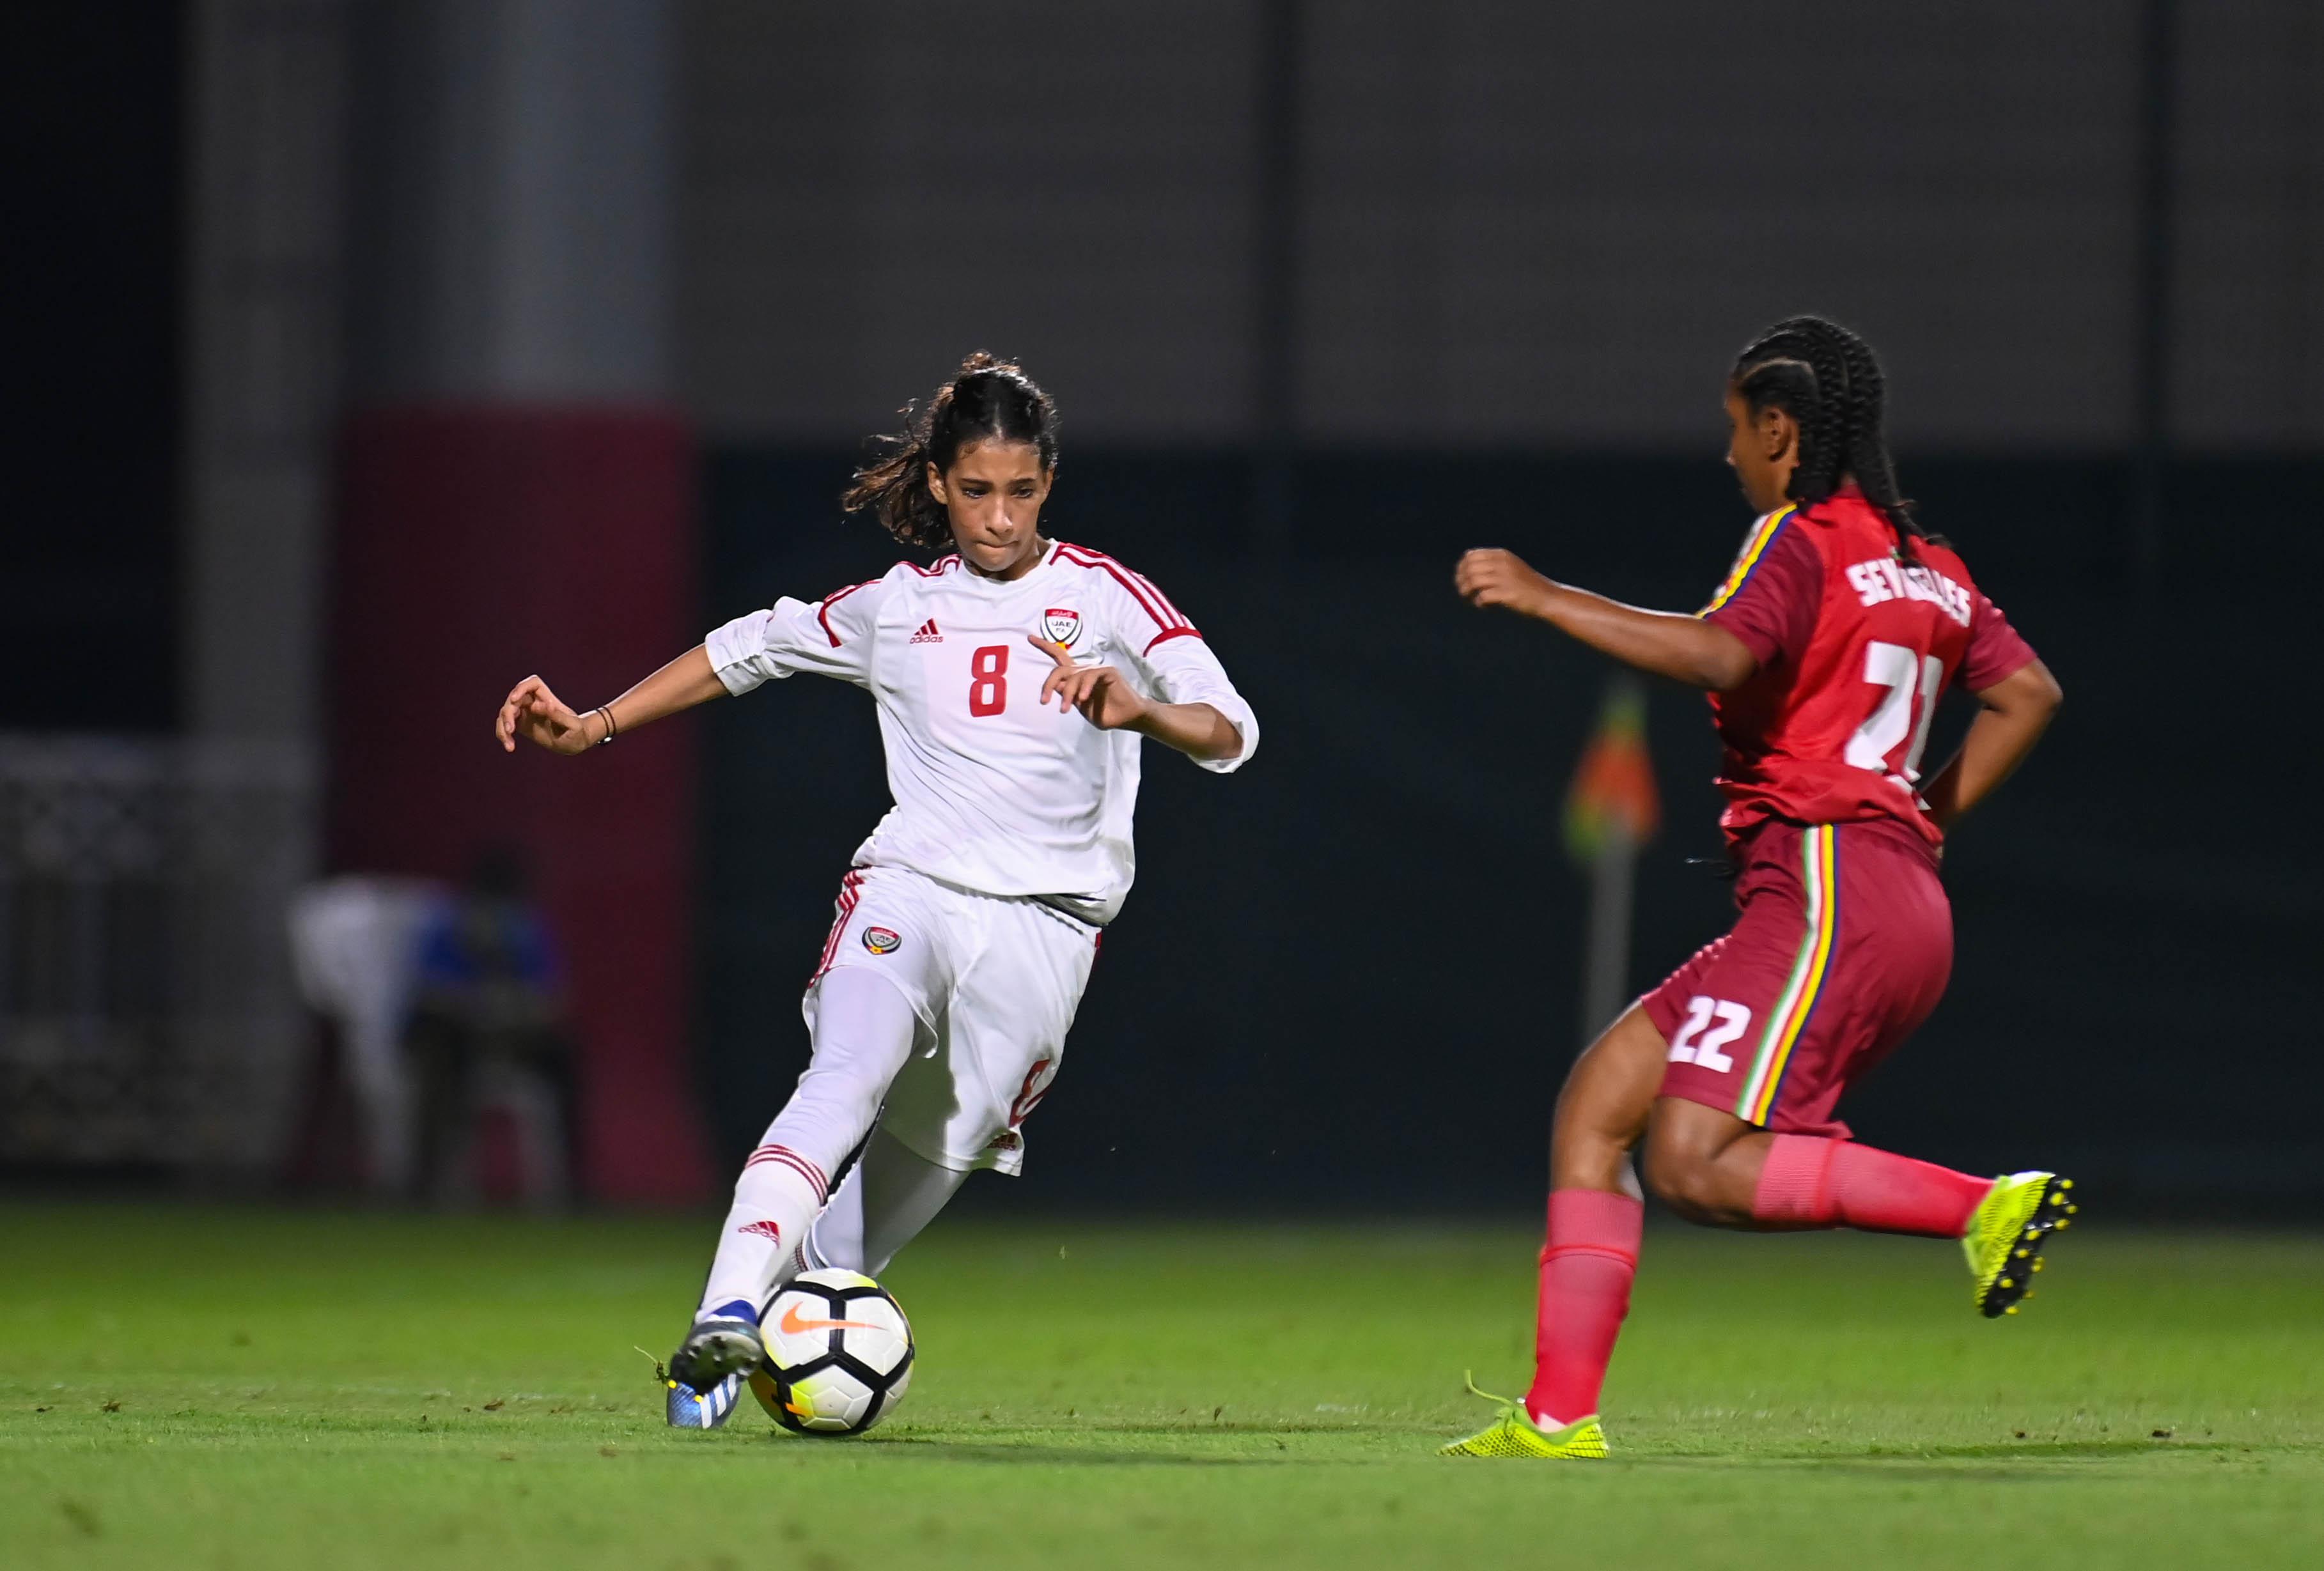 منتخب سيدات الكرة يهزم سيشل برباعية في ختام معسكره الداخلي